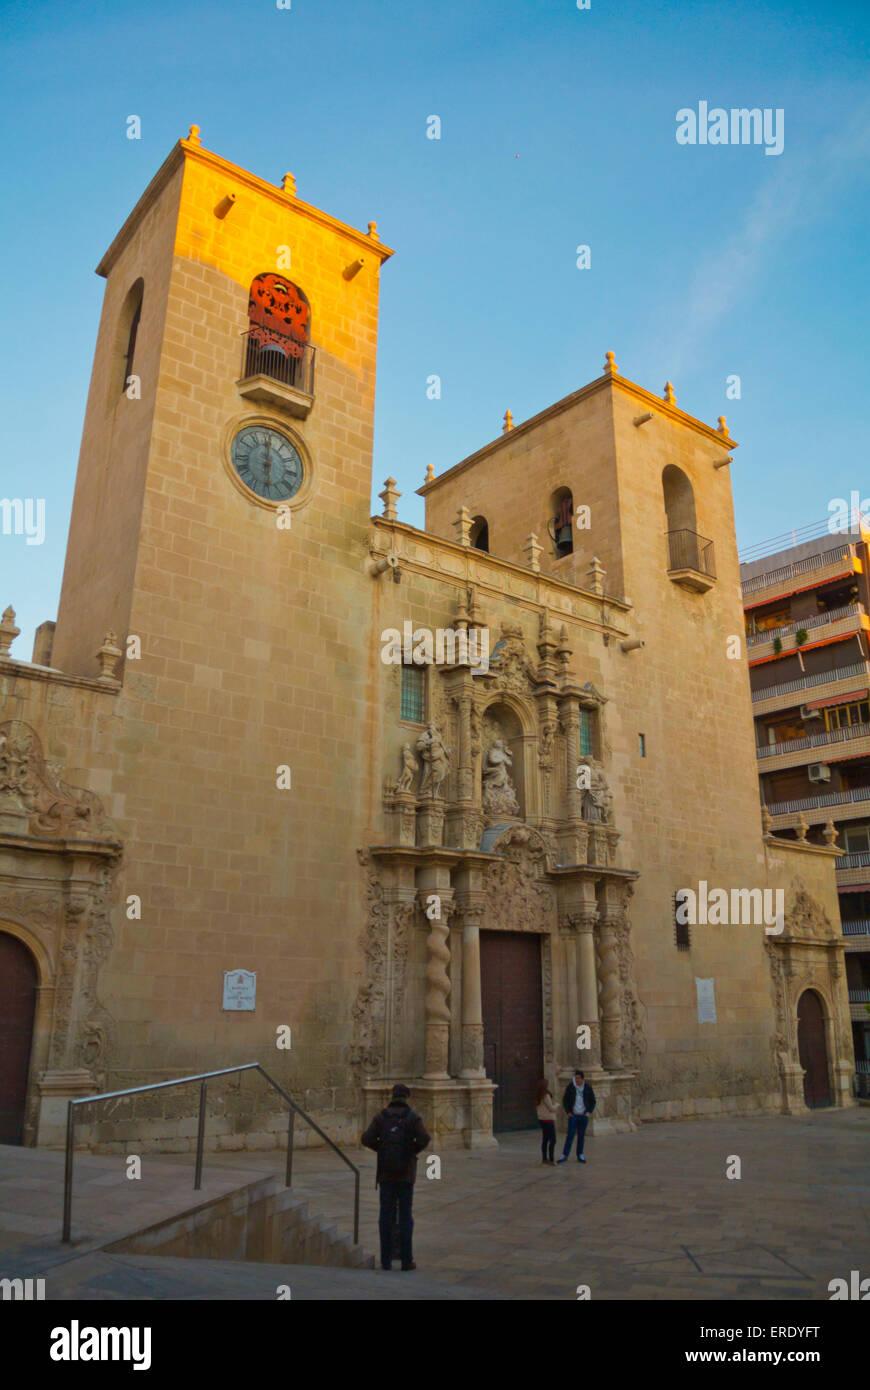 La Basilica di Santa Maria, Casco Antiguo, la città vecchia, Alicante, Alacant, Costa Blanca, Spagna Immagini Stock